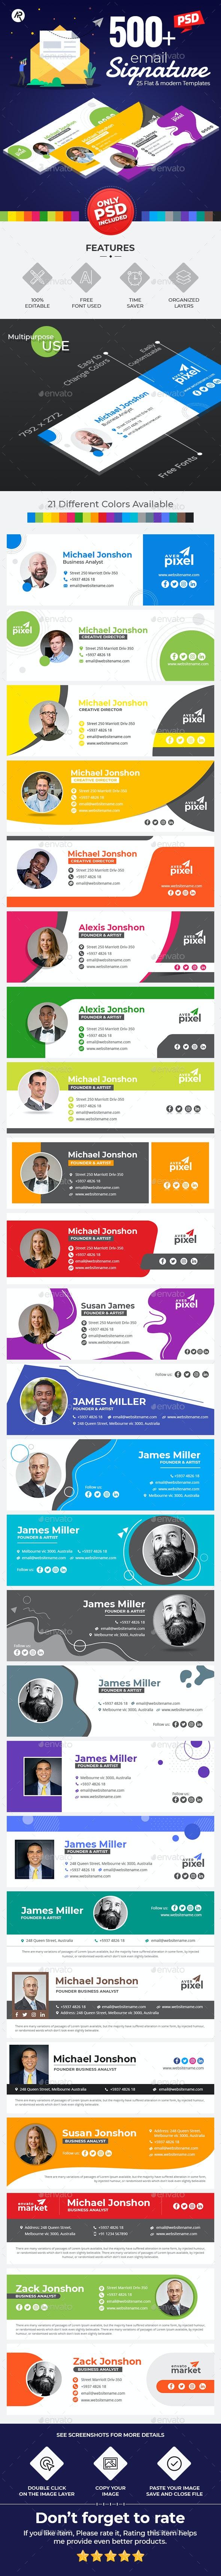 525 Professional E-Signature Templates - Social Media Web Elements